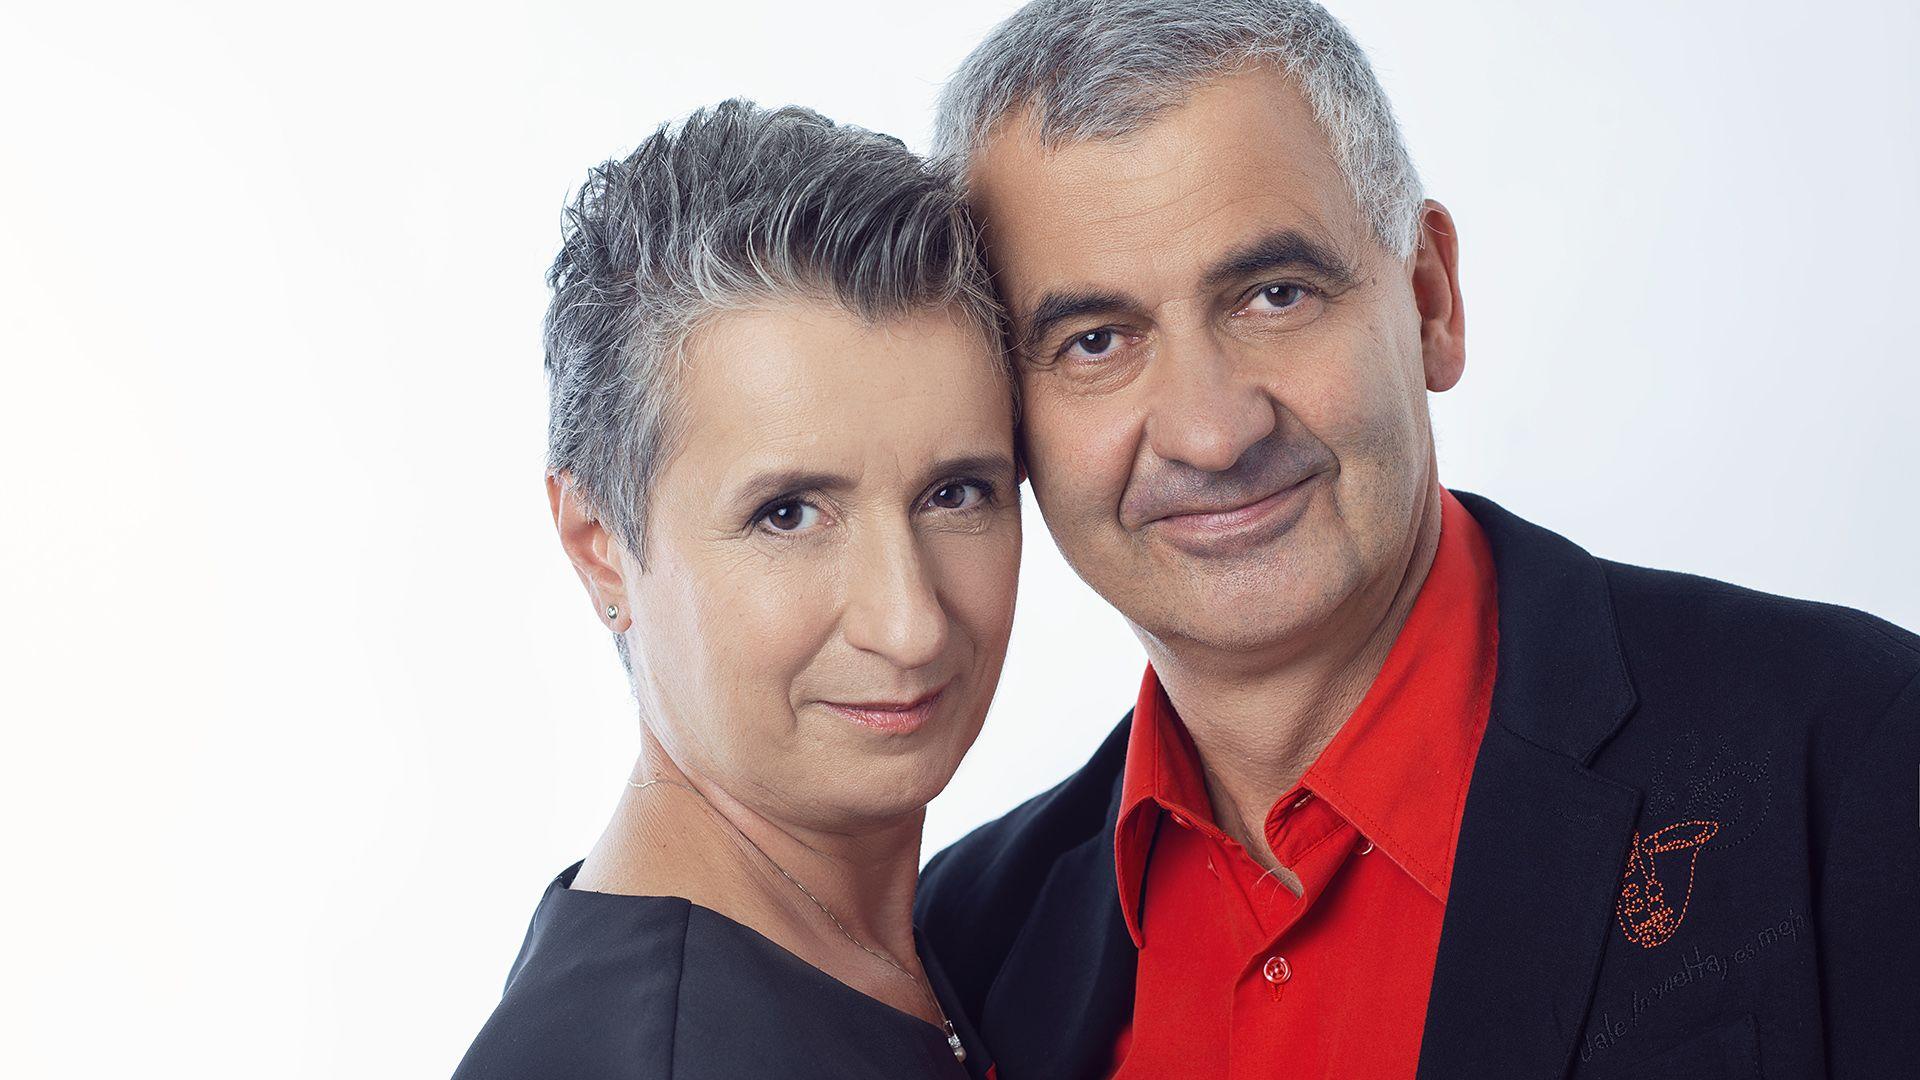 Randevú válás alatt